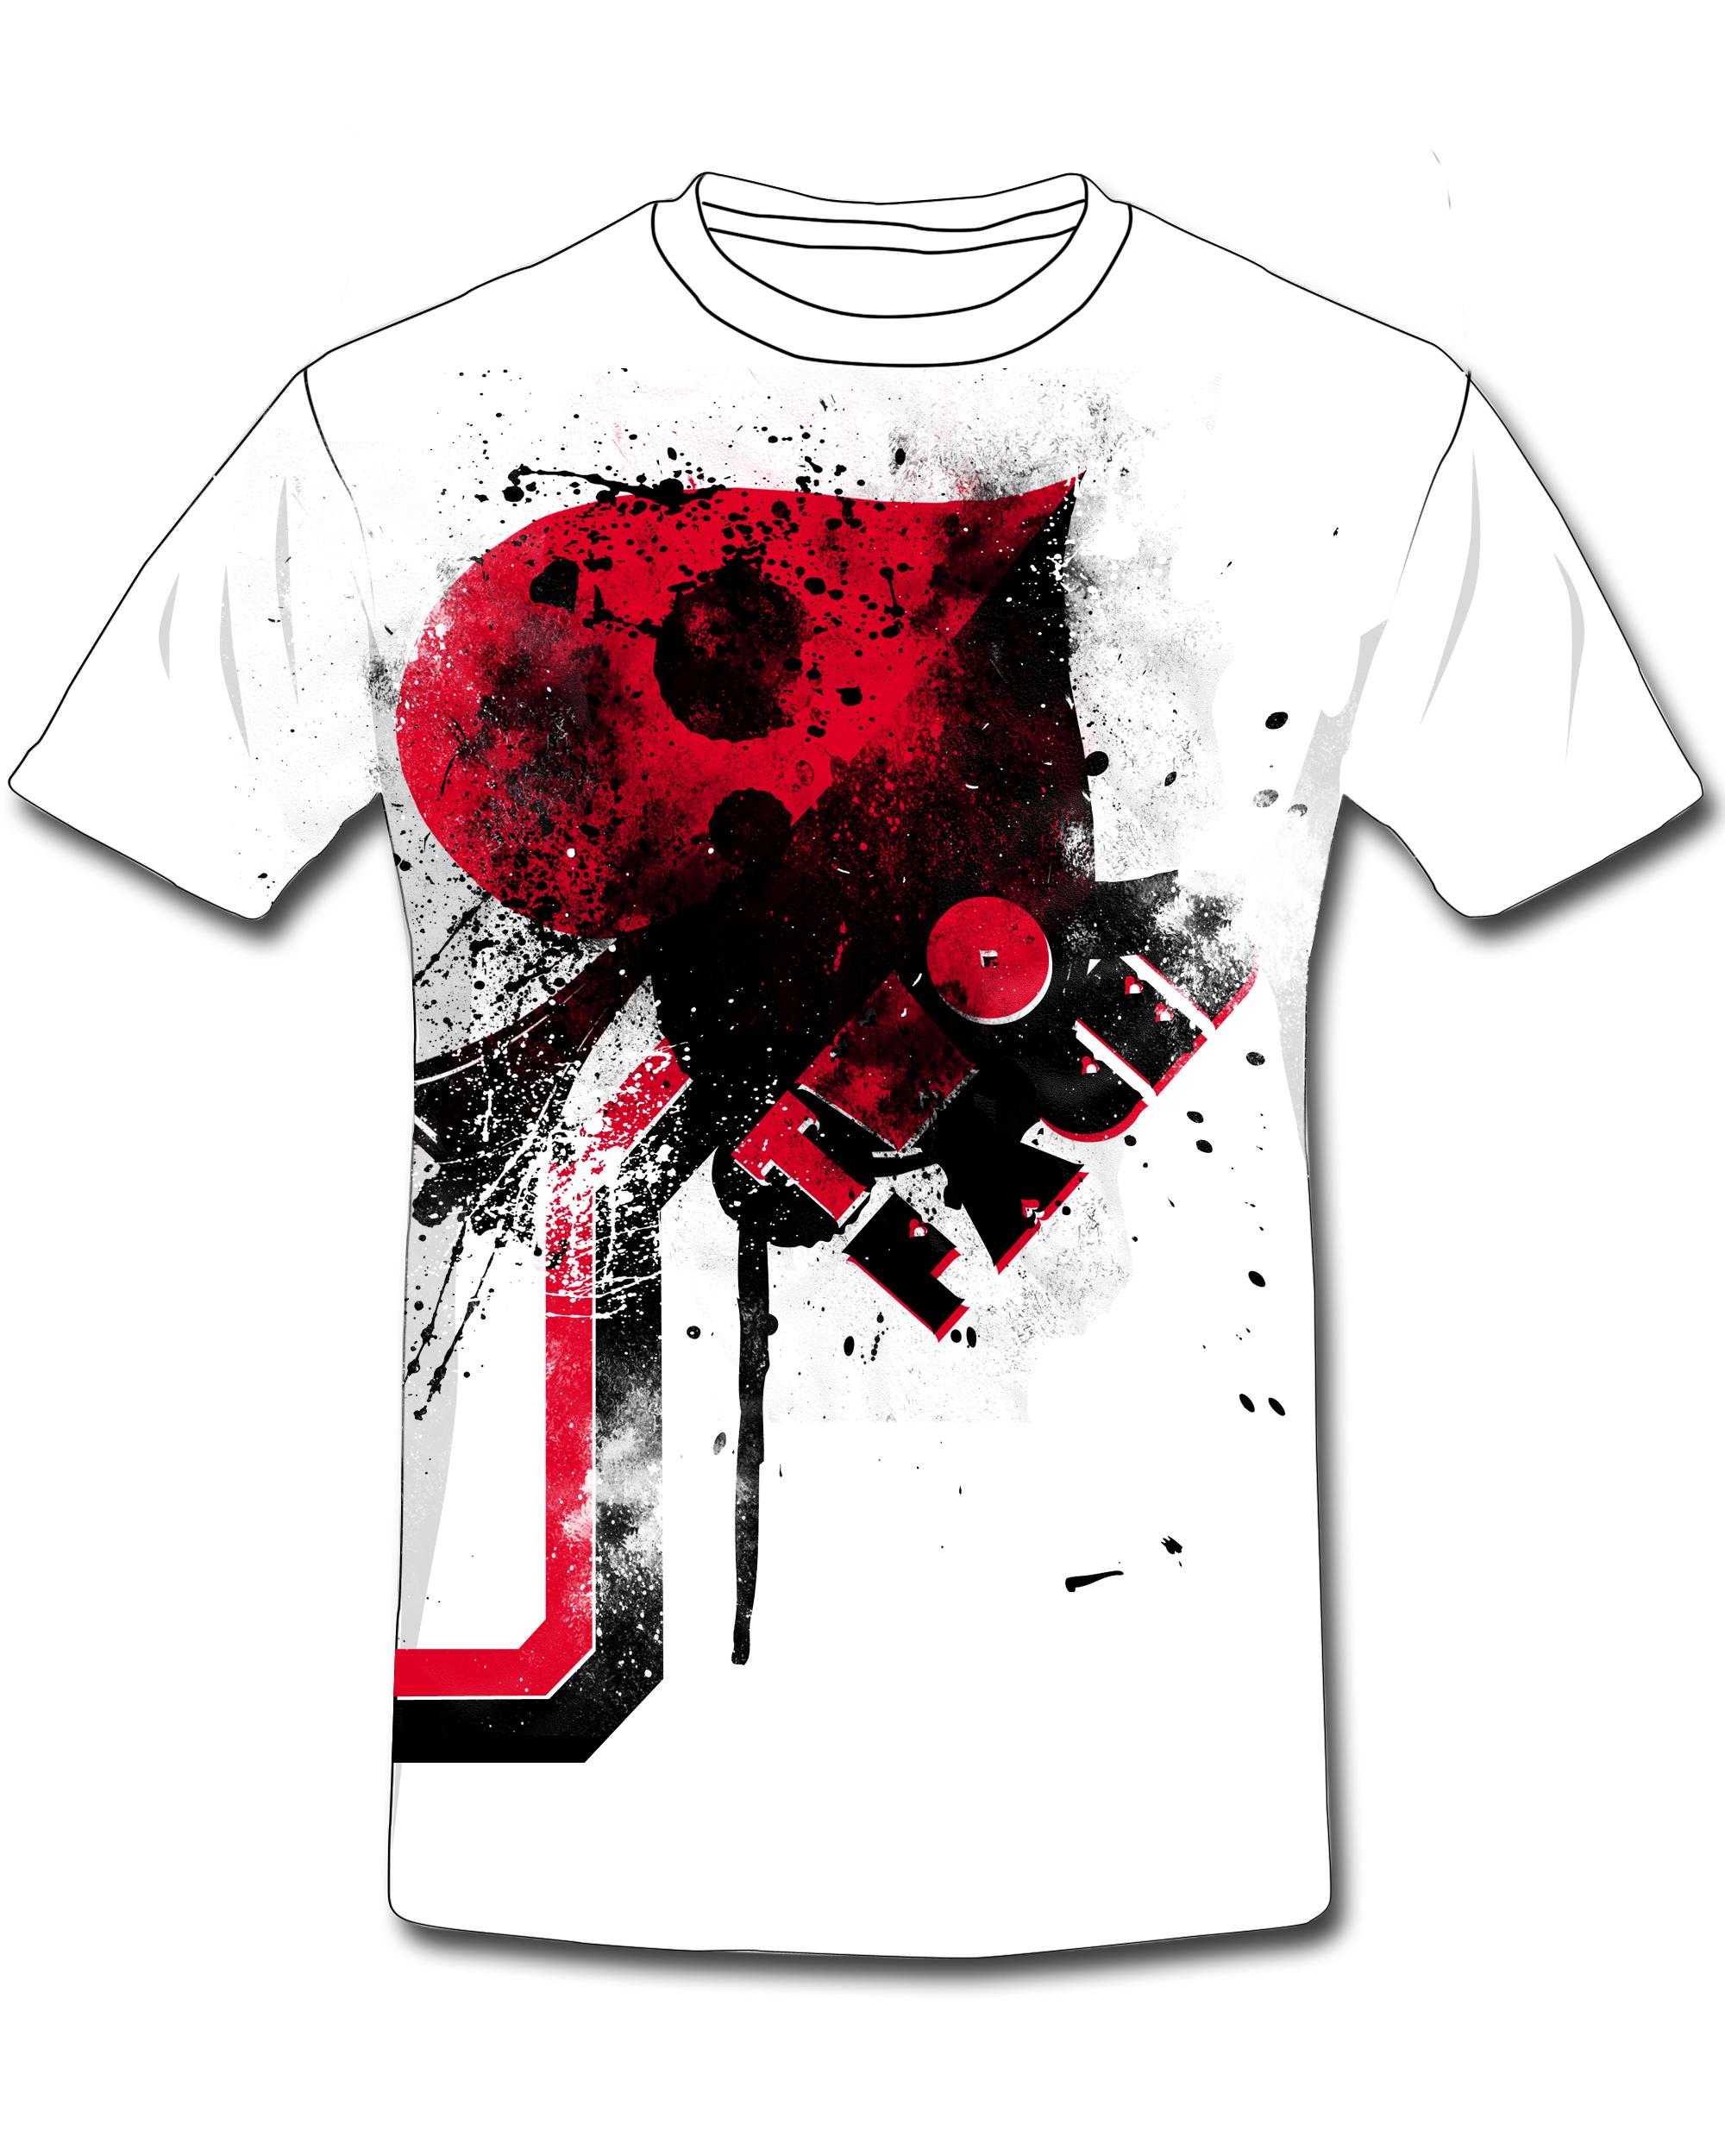 Design t shirt back - Back